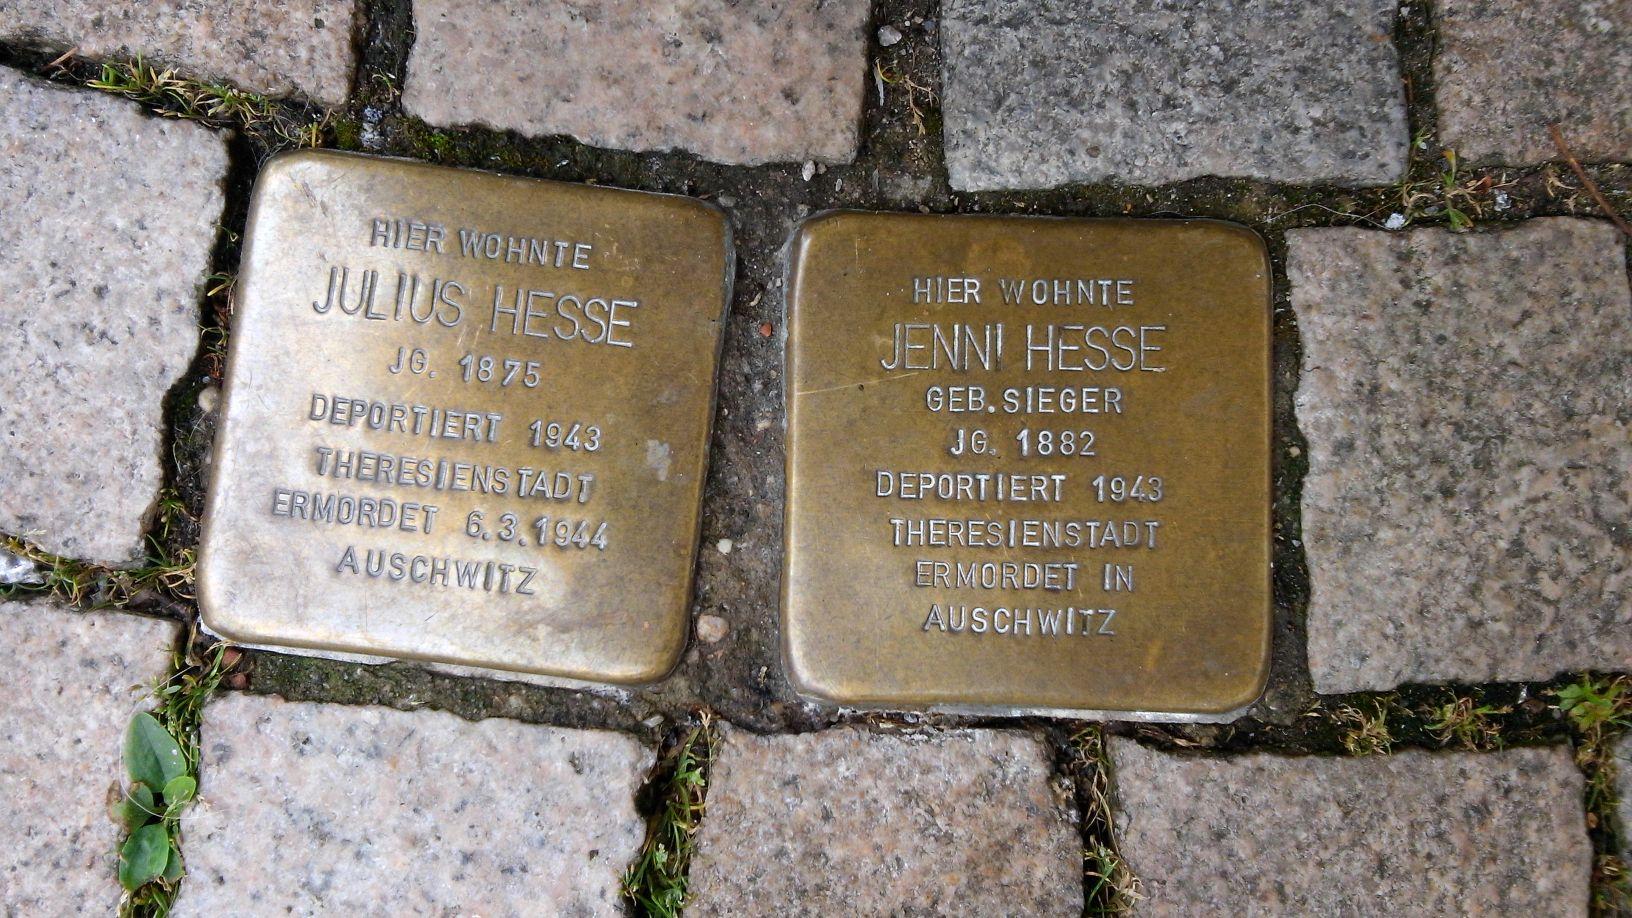 Hesse rathausstr bi.jpg